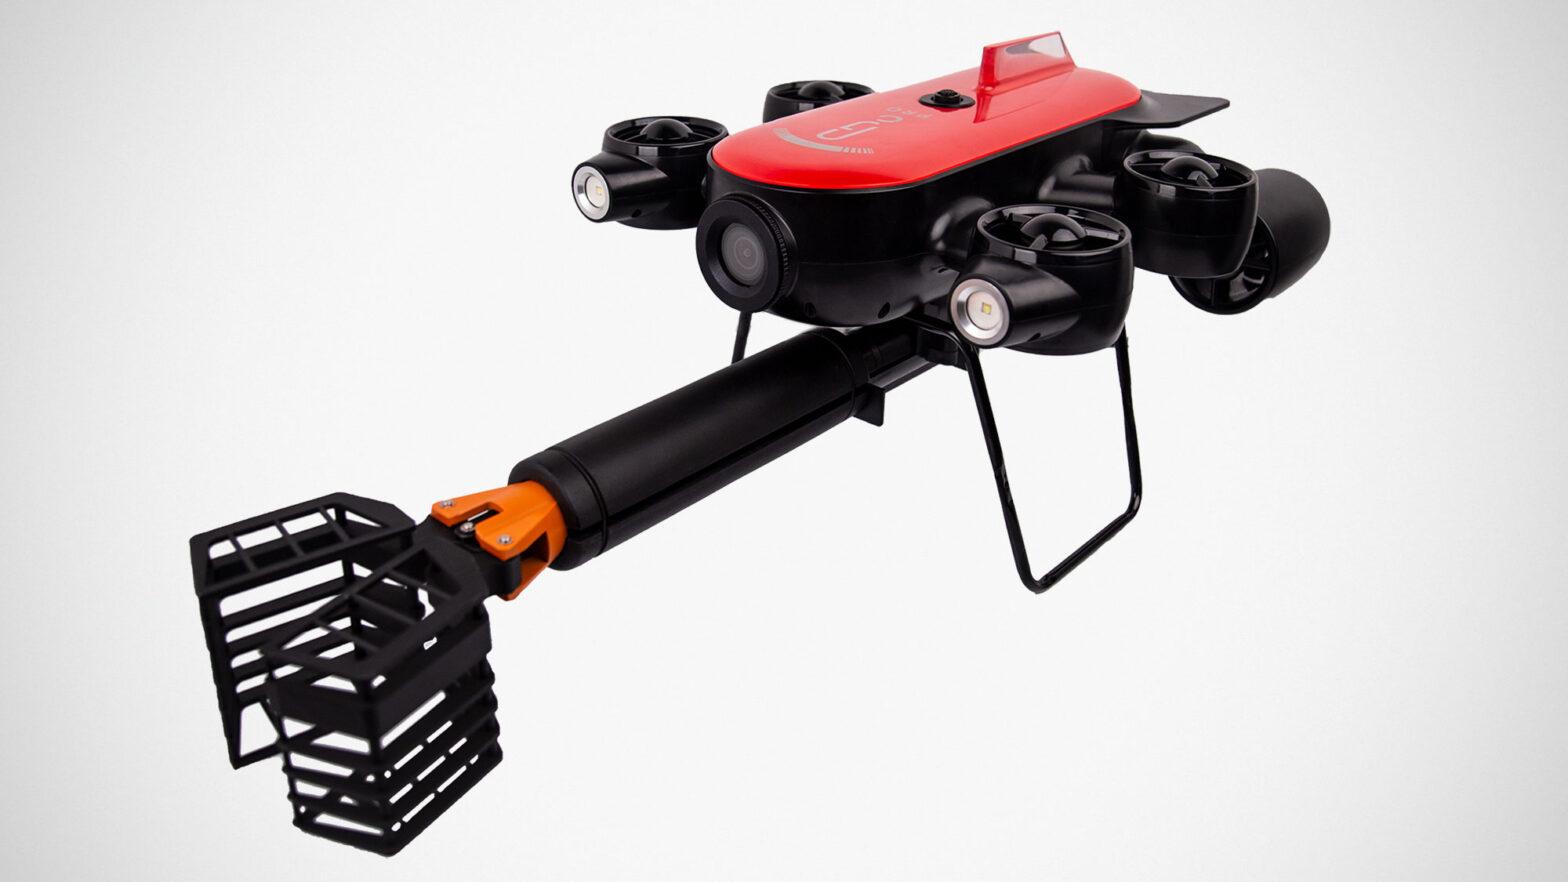 Geneinno T1 Pro Underwater Drone